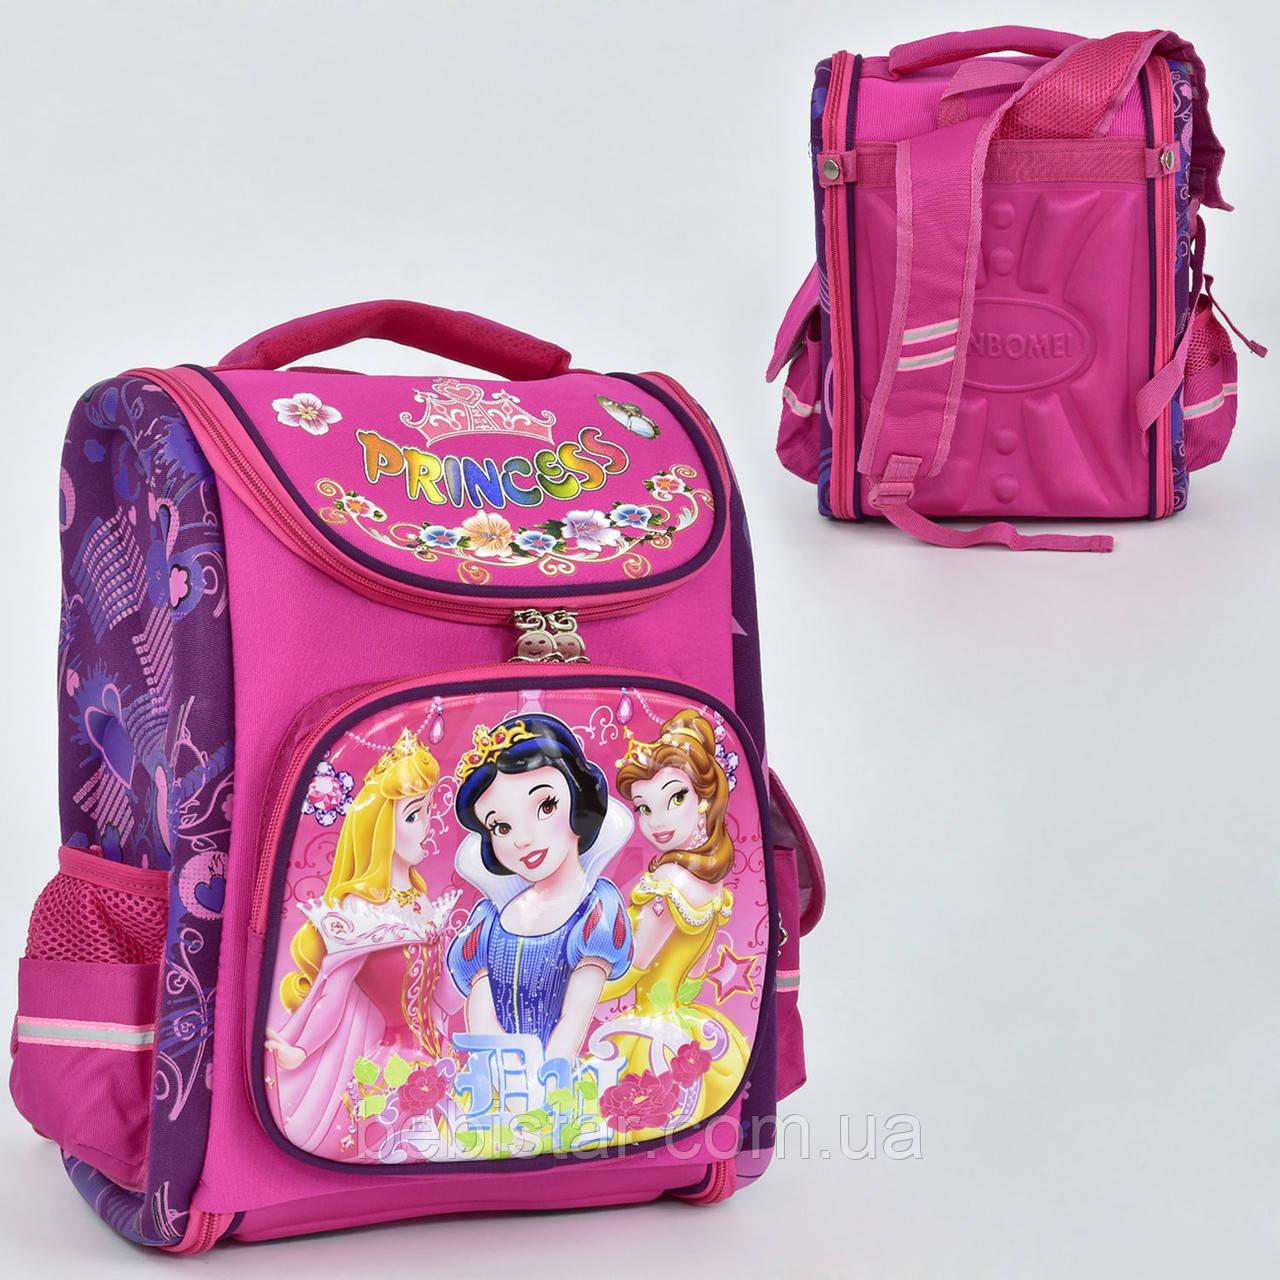 Школьный рюкзак ортопедическая спинка 3 кармана розовый